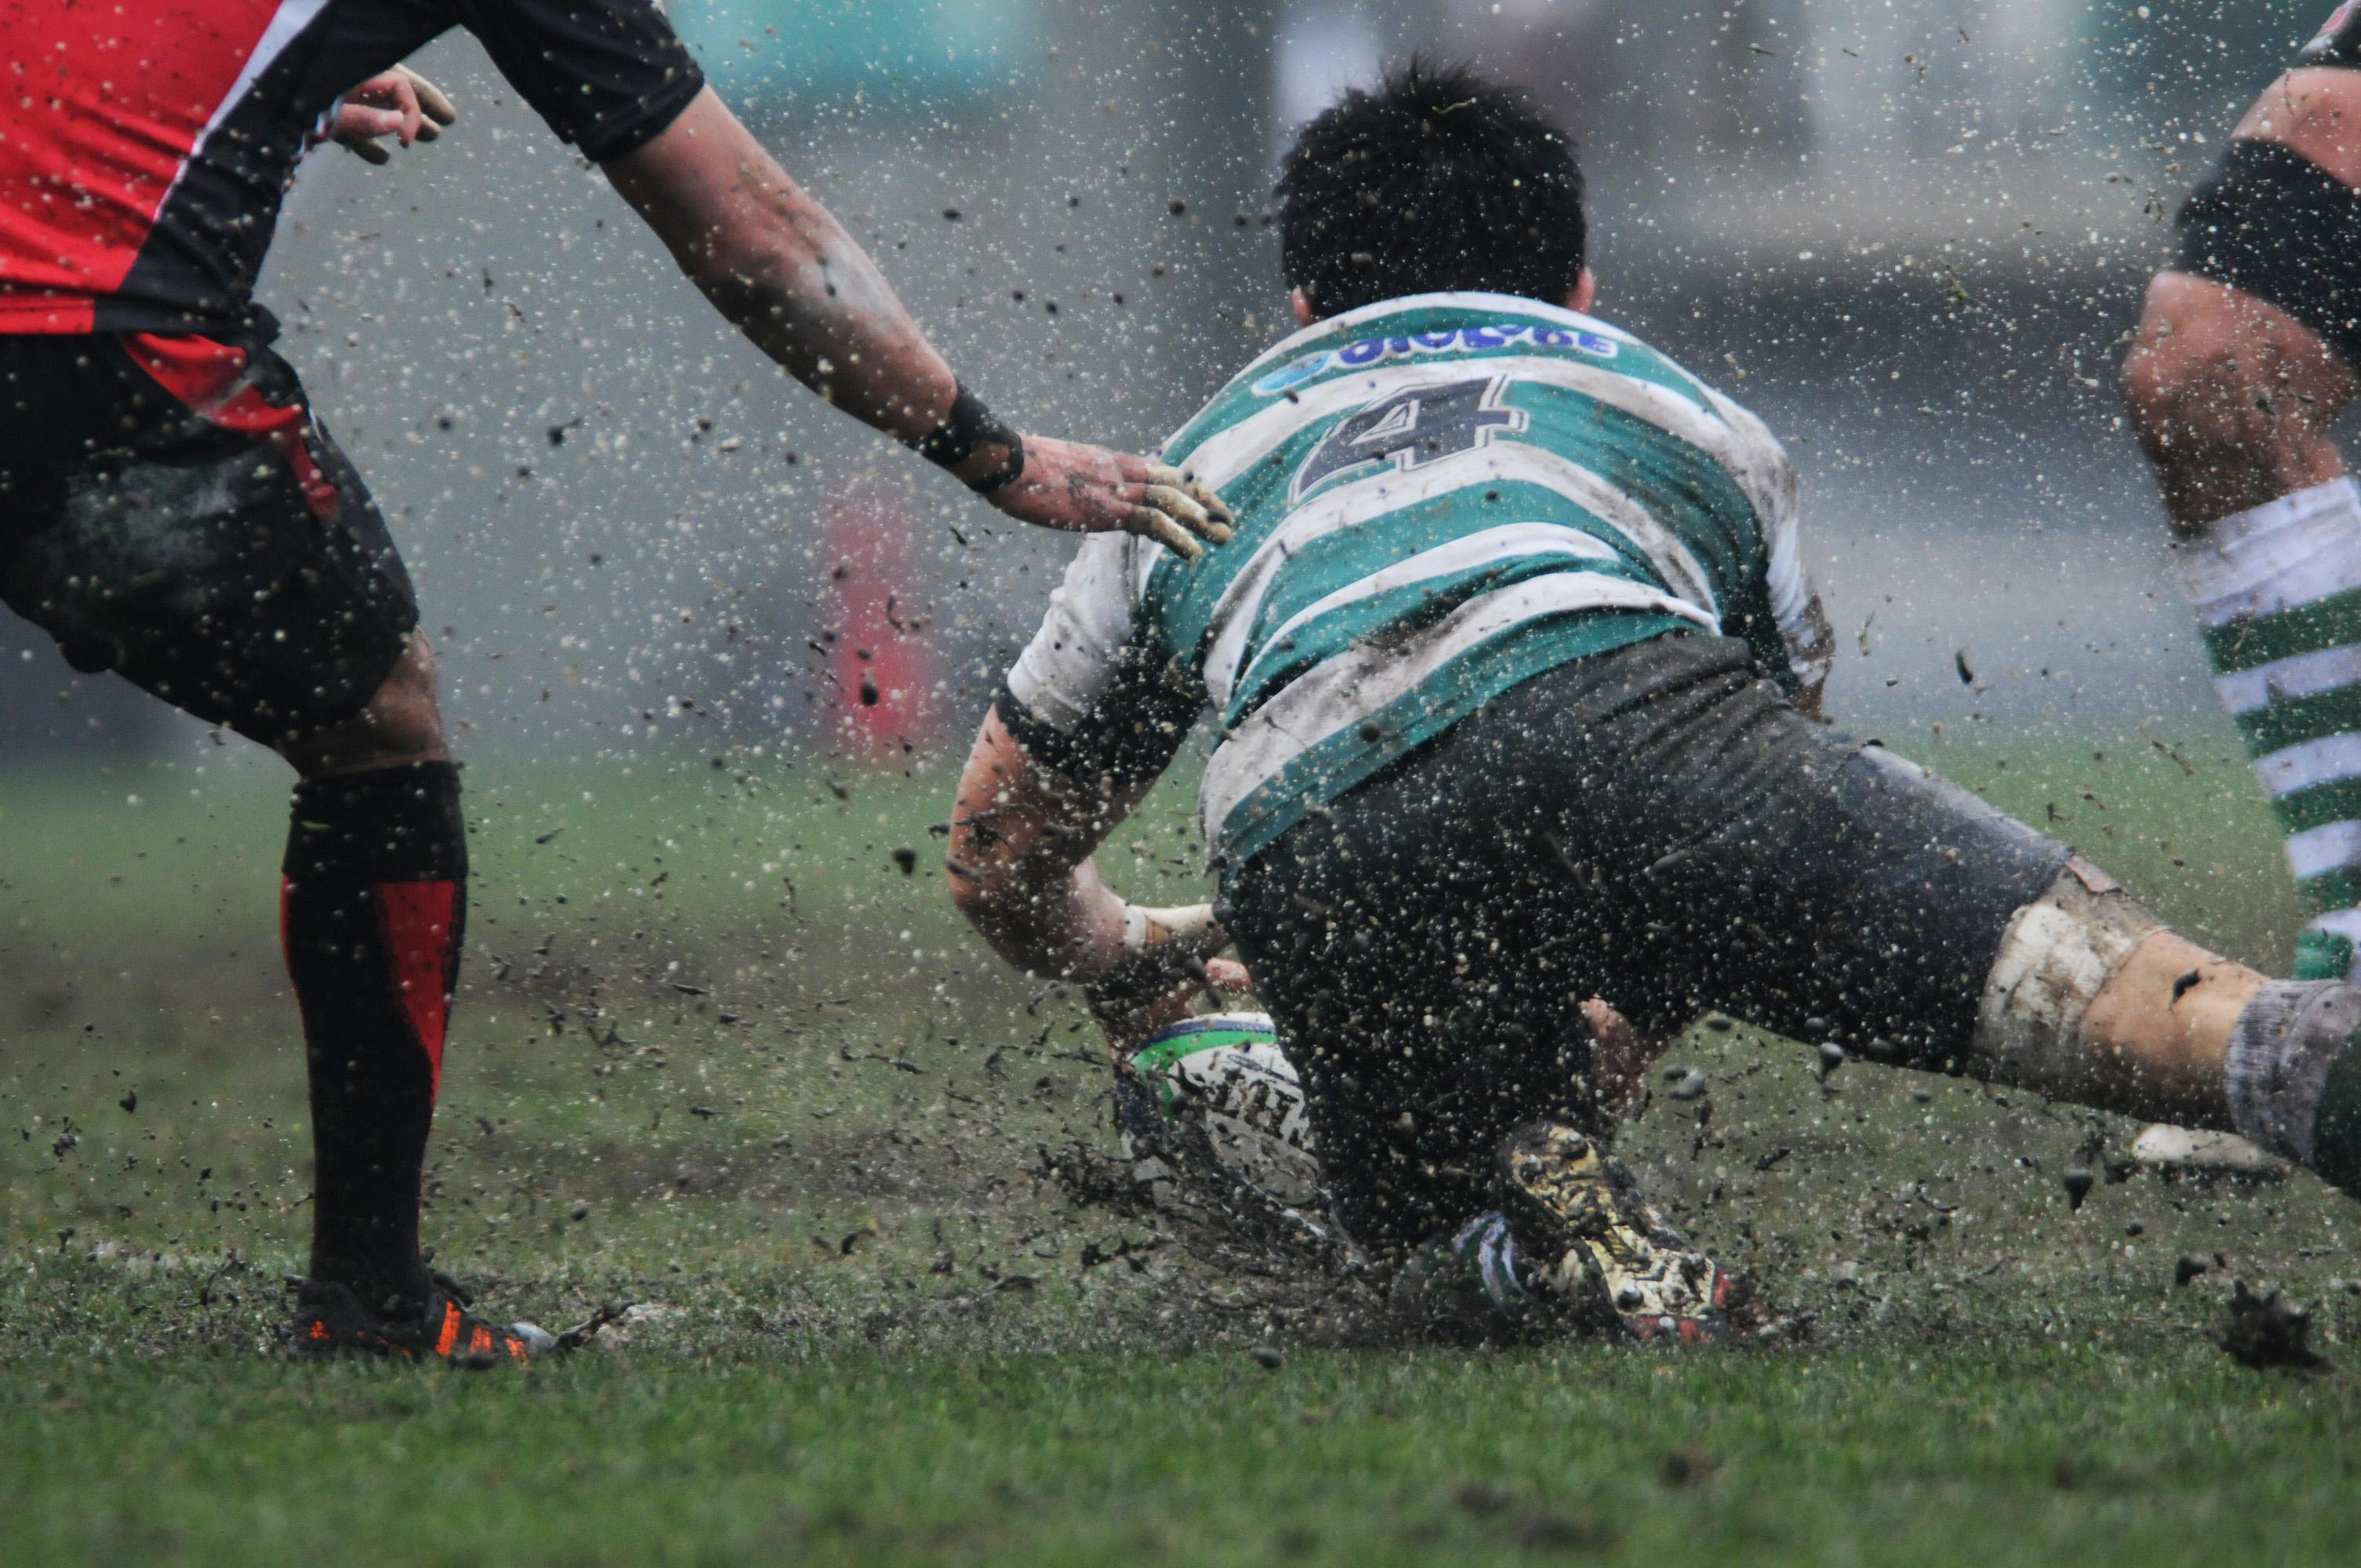 泥んこラグビー